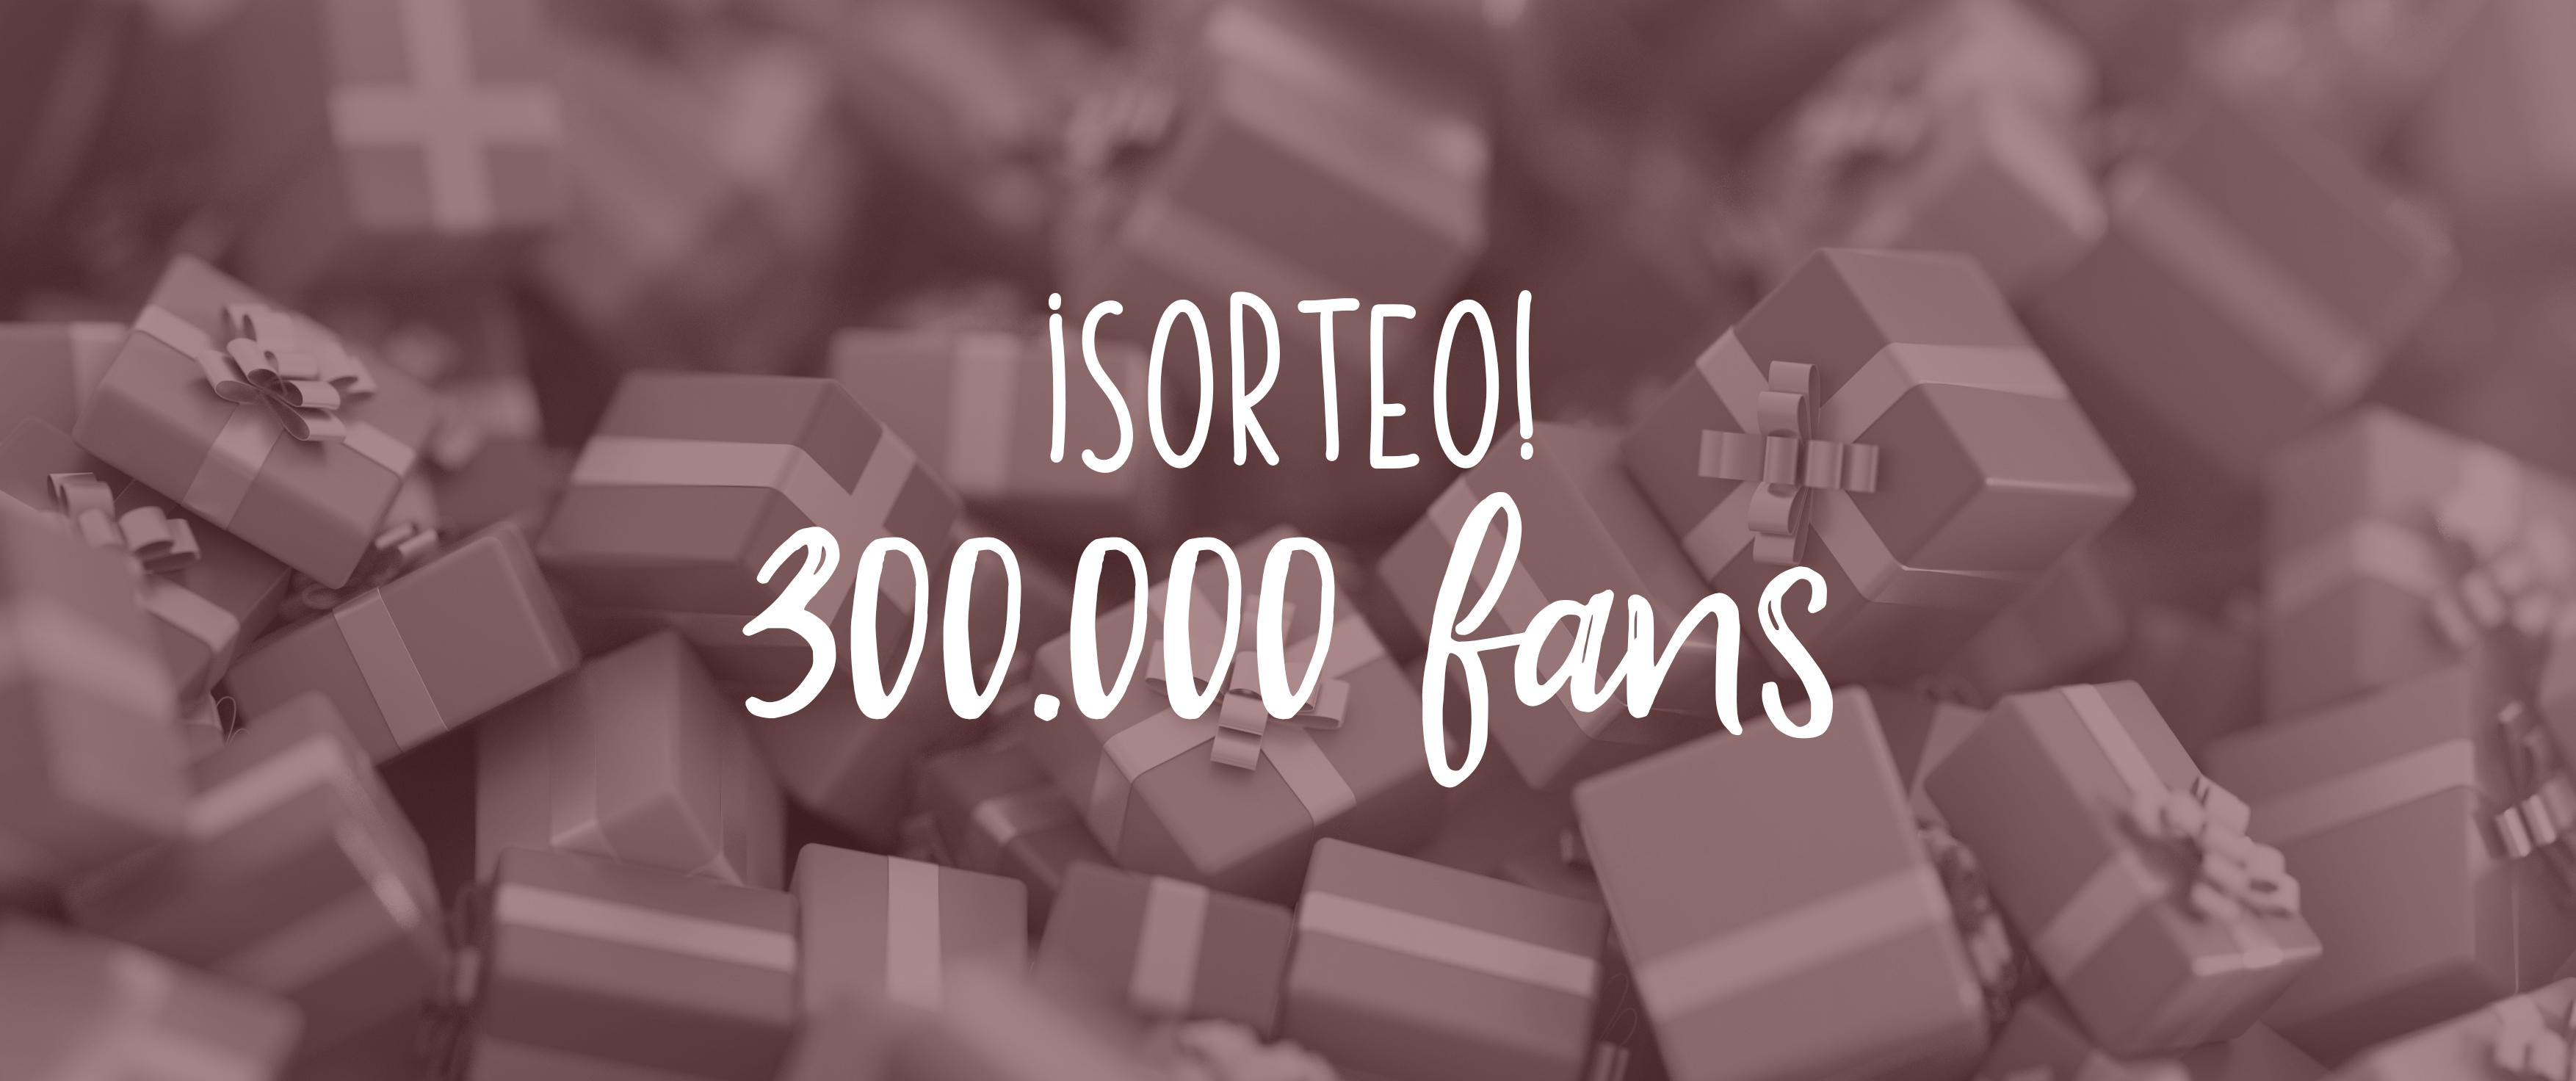 Sorteo 300.000 fans en Facebook: ¡ya tenemos ganadores!